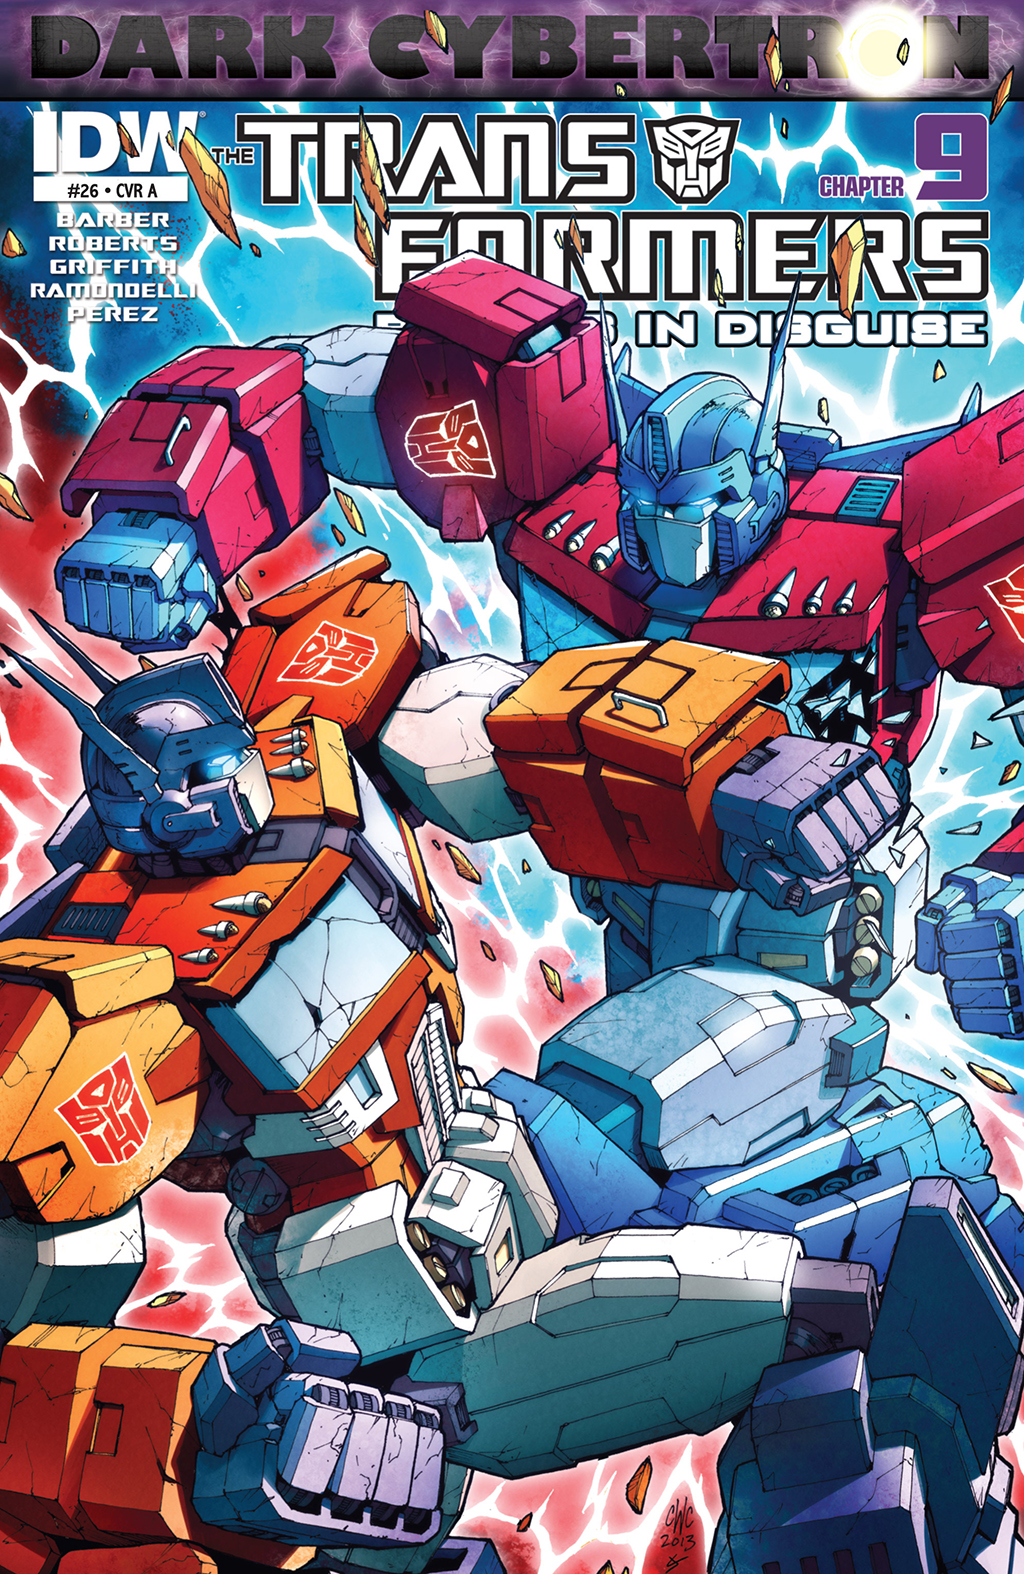 Комикс Трансформеры - Роботы под прикрытием